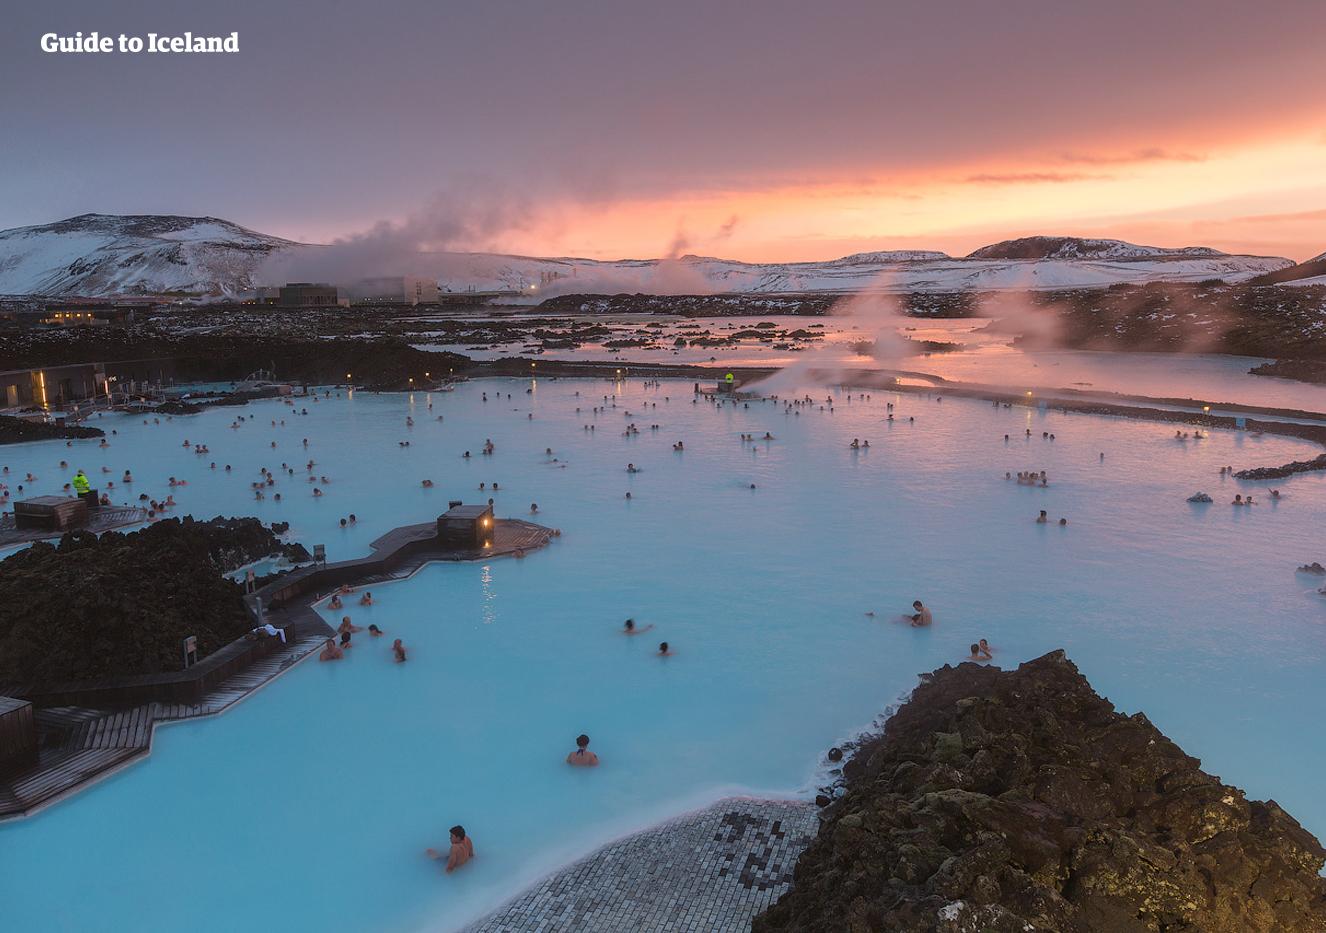 Rozpocznij swoją przygodę na Islandii, odwiedzając Błękitną Lagunę, położoną na czarnym polu lawy na półwyspie Reykjanes.